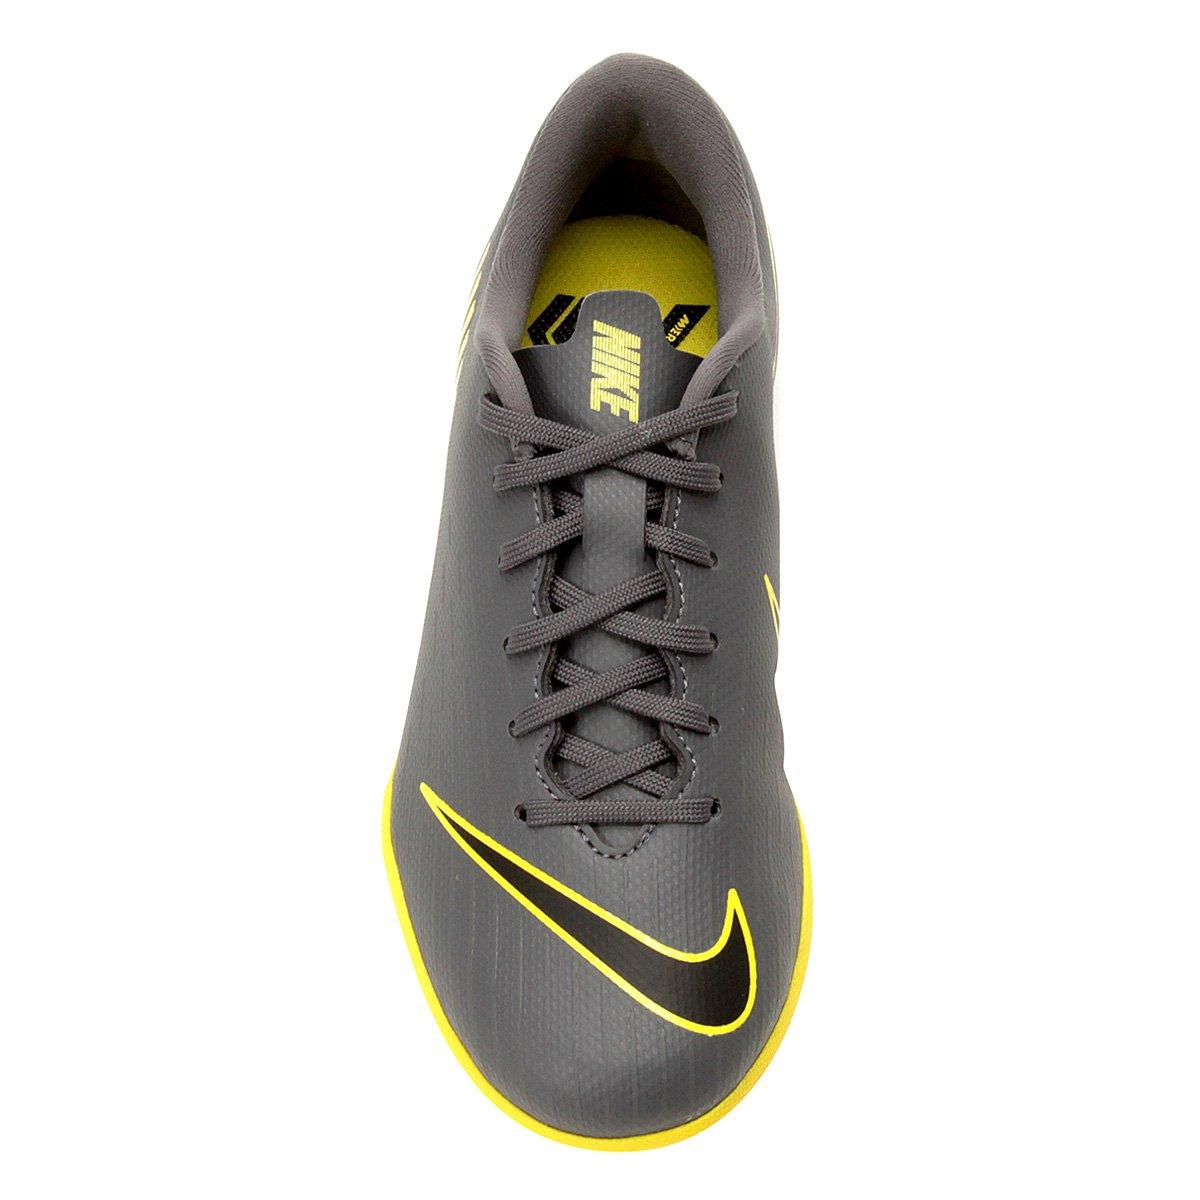 f6e5b3e464 Chuteira Society Infantil Nike Vapor 12 Academy Gs TF - Cinza e ...